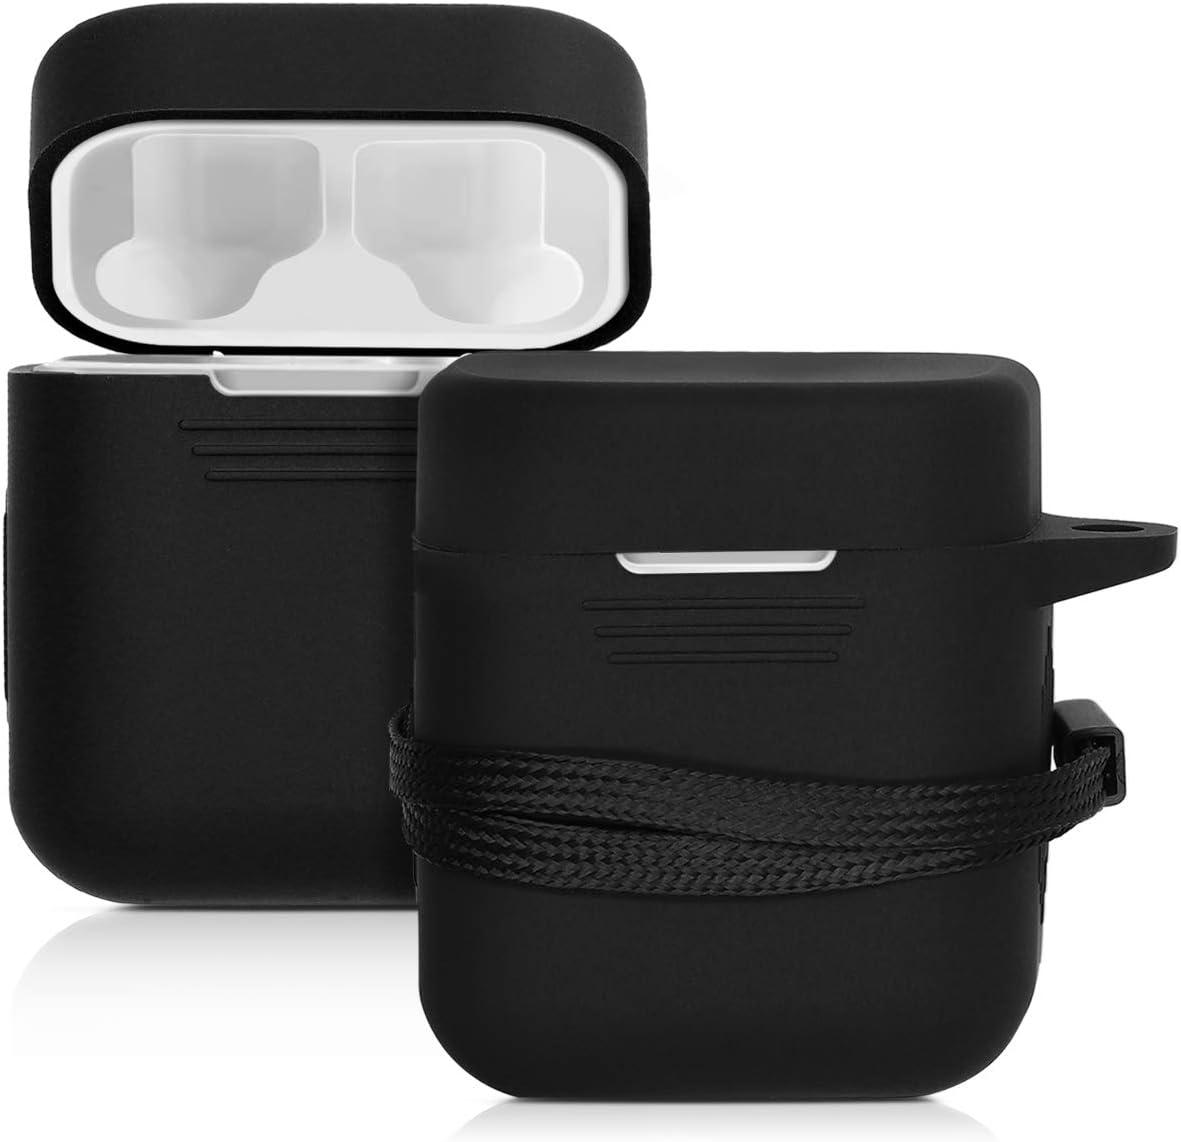 kwmobile Funda de Silicona Compatible con Xiaomi AirDots Pro - Carcasa para Auriculares en Negro